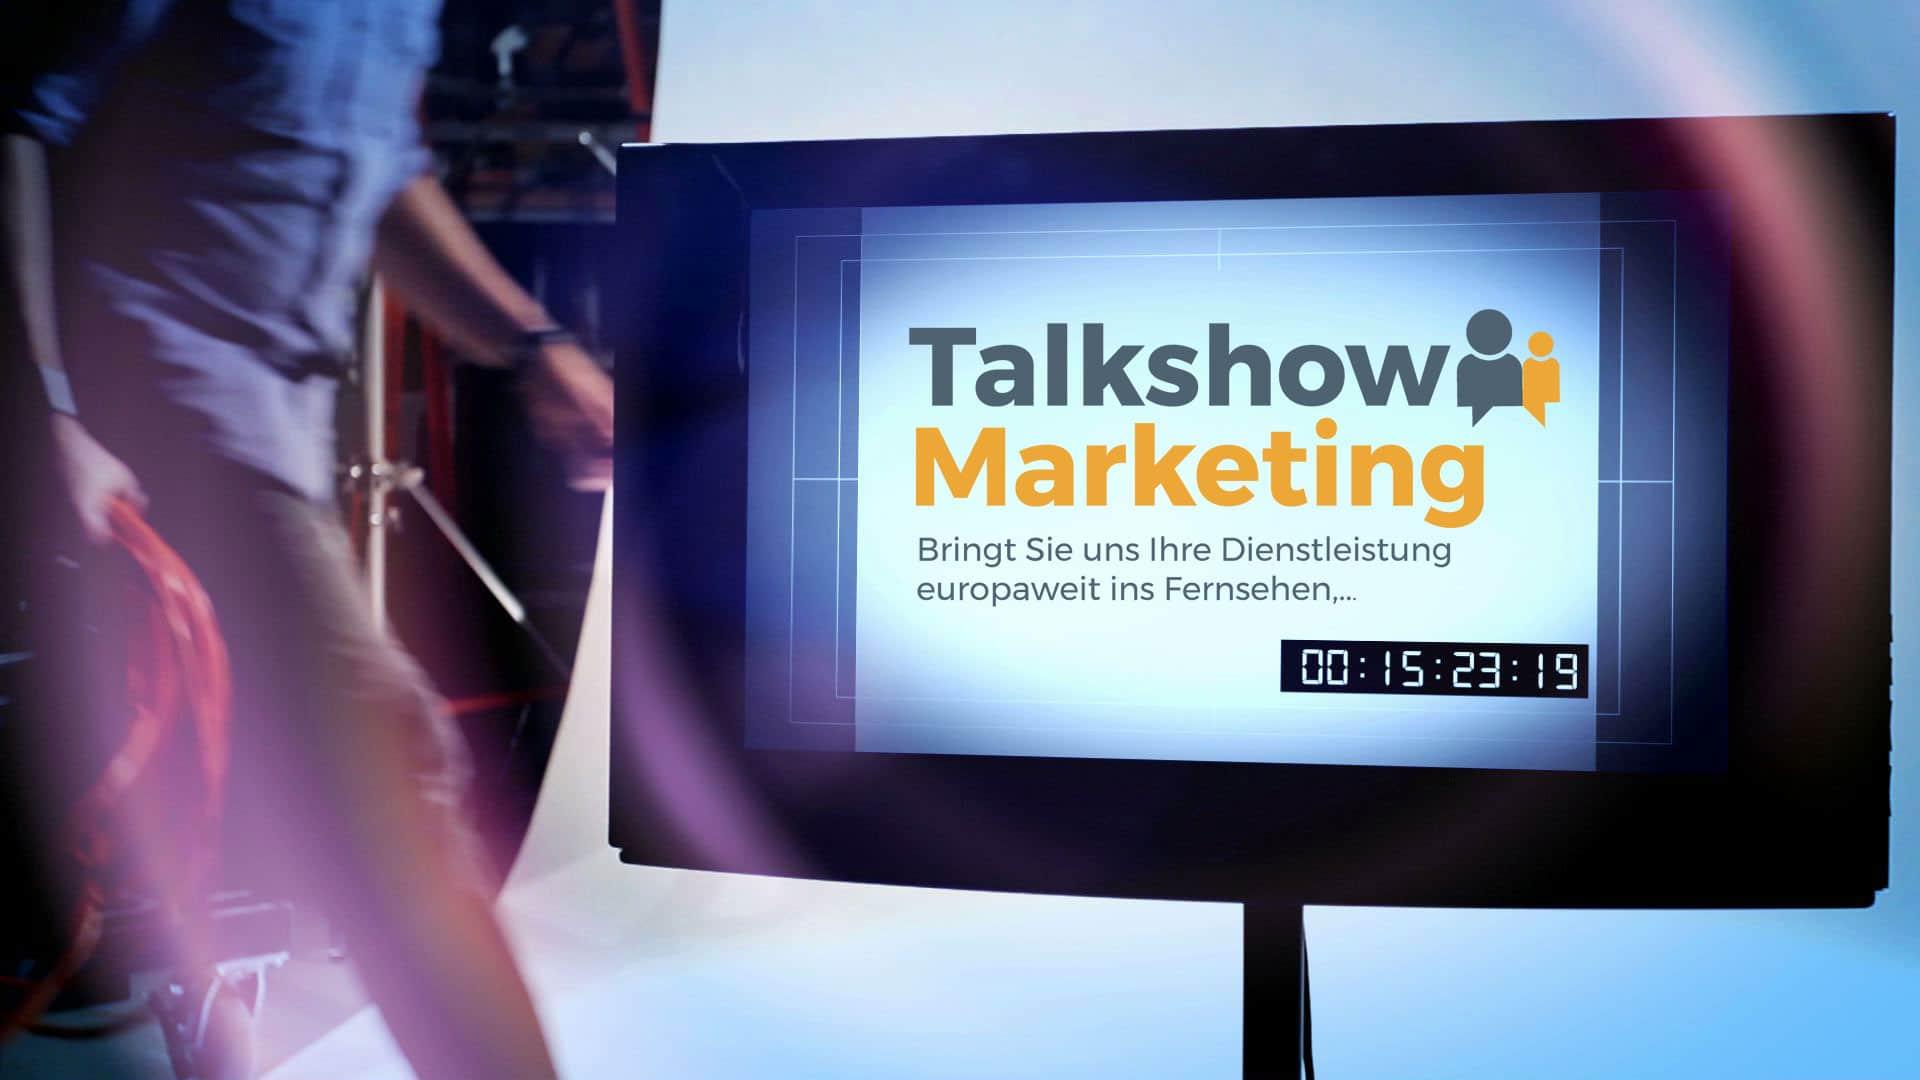 Talkshow Marketing. Ihre Talkshow. Sie und Ihre Dienstleistung im Fernsehen.